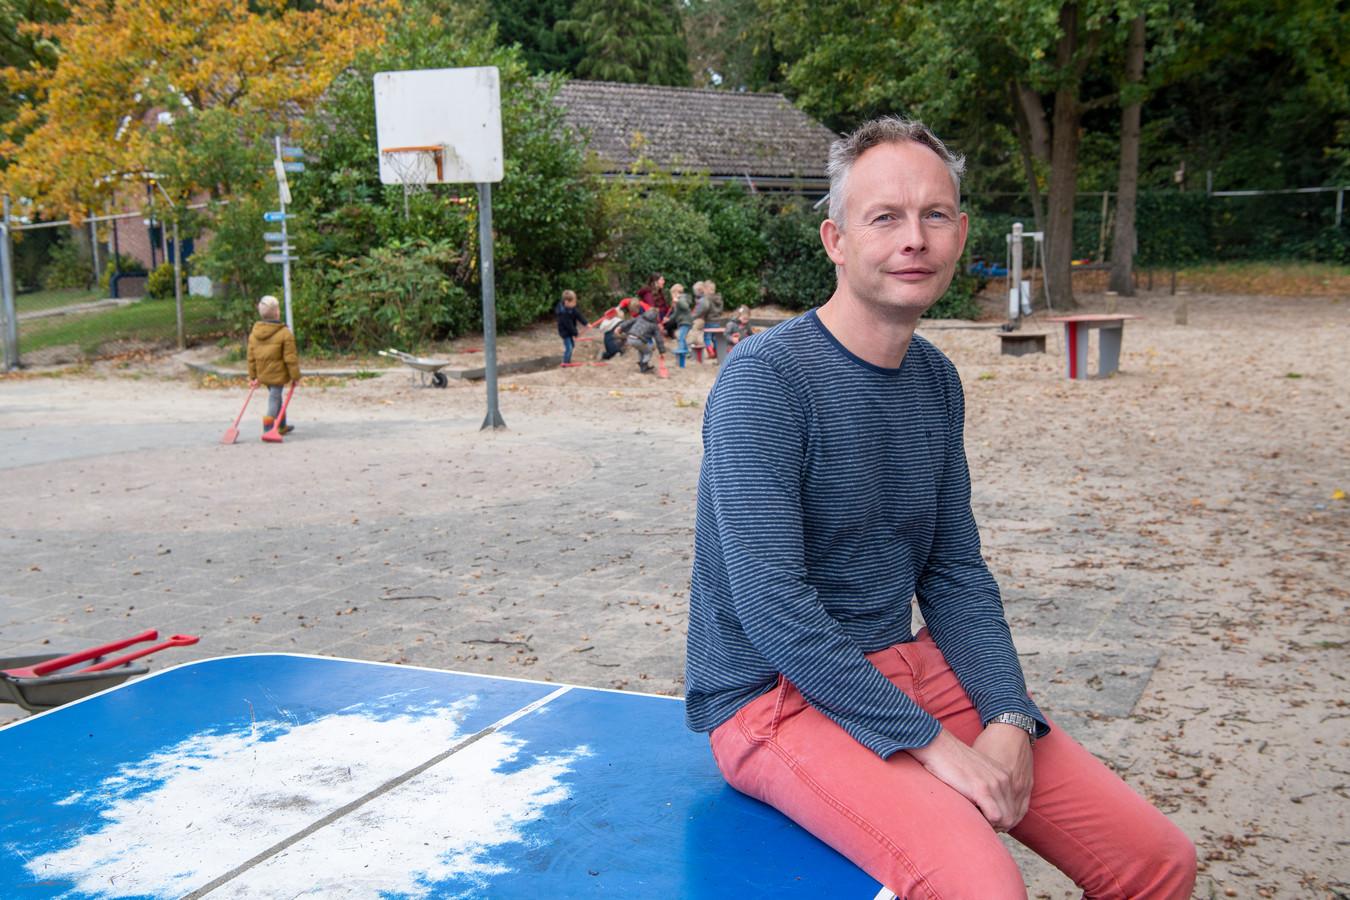 Schooldirecteur Eric Arends beklaagt zich erover dat de gemeente Dalfsen wil bezuinigen op logopedie en vindt medestanders bij andere schooldirecties.